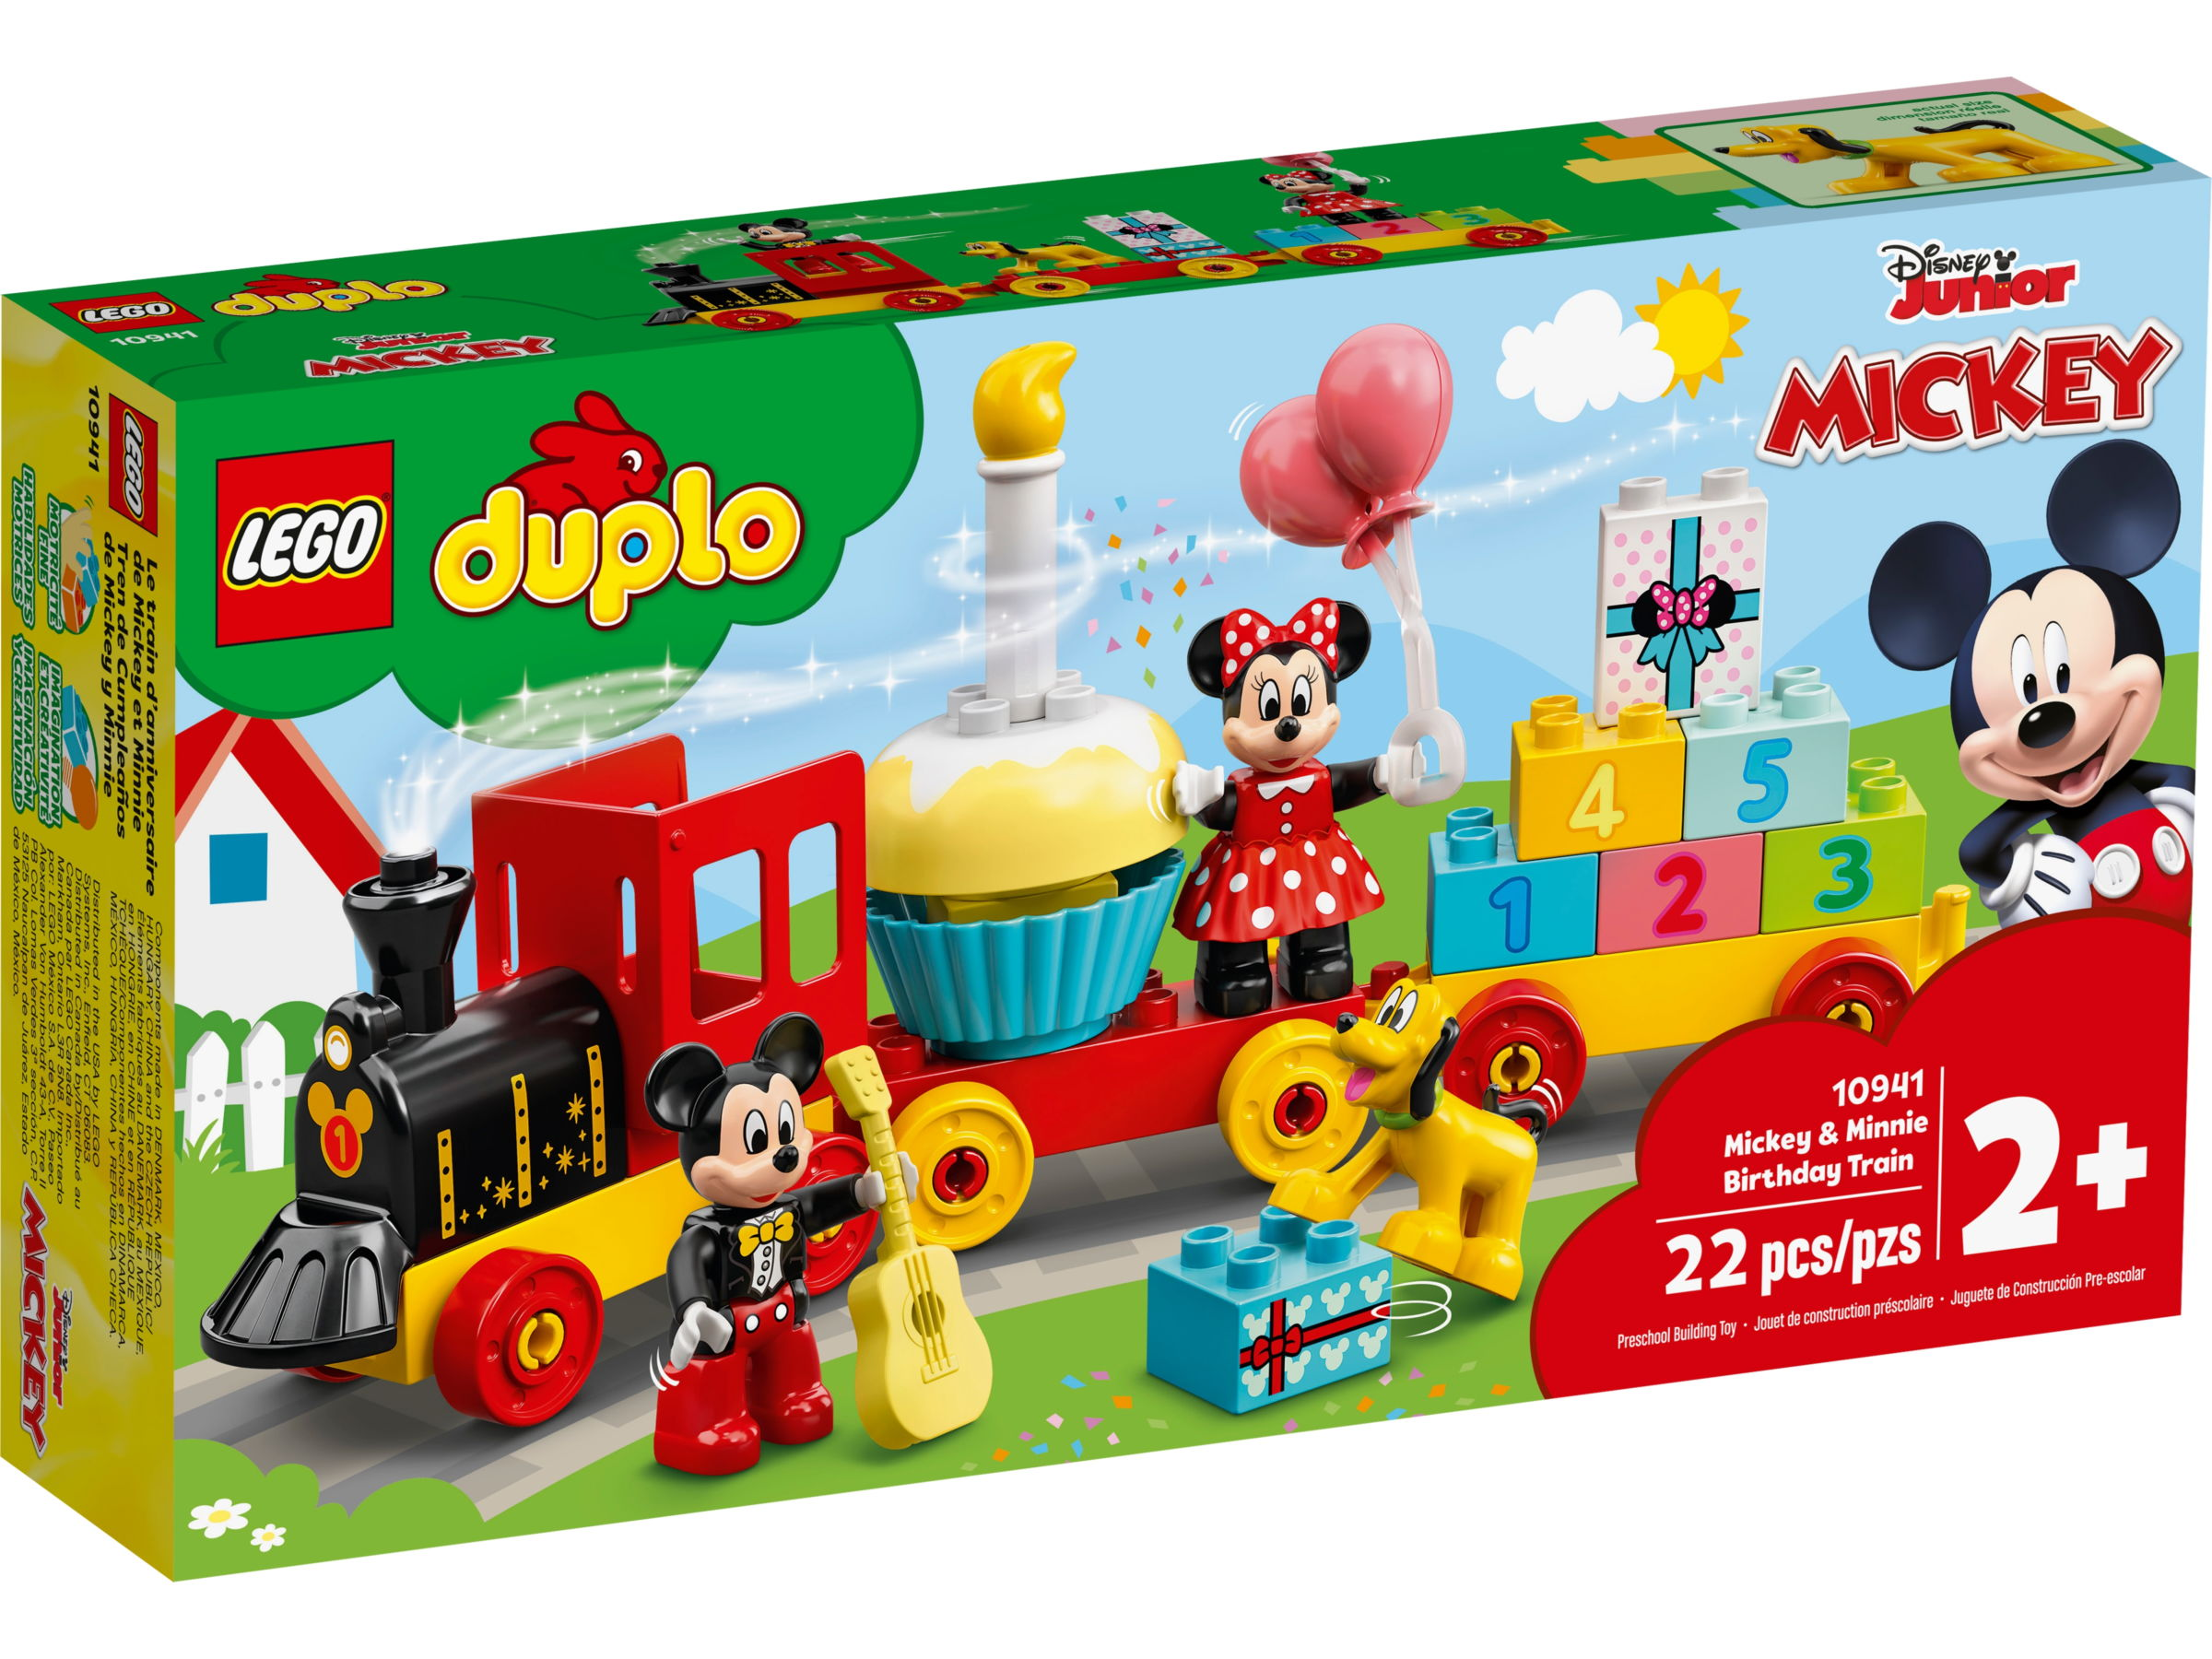 LEGO Duplo 10941 Mickey & Minnie Verjaardagstrein